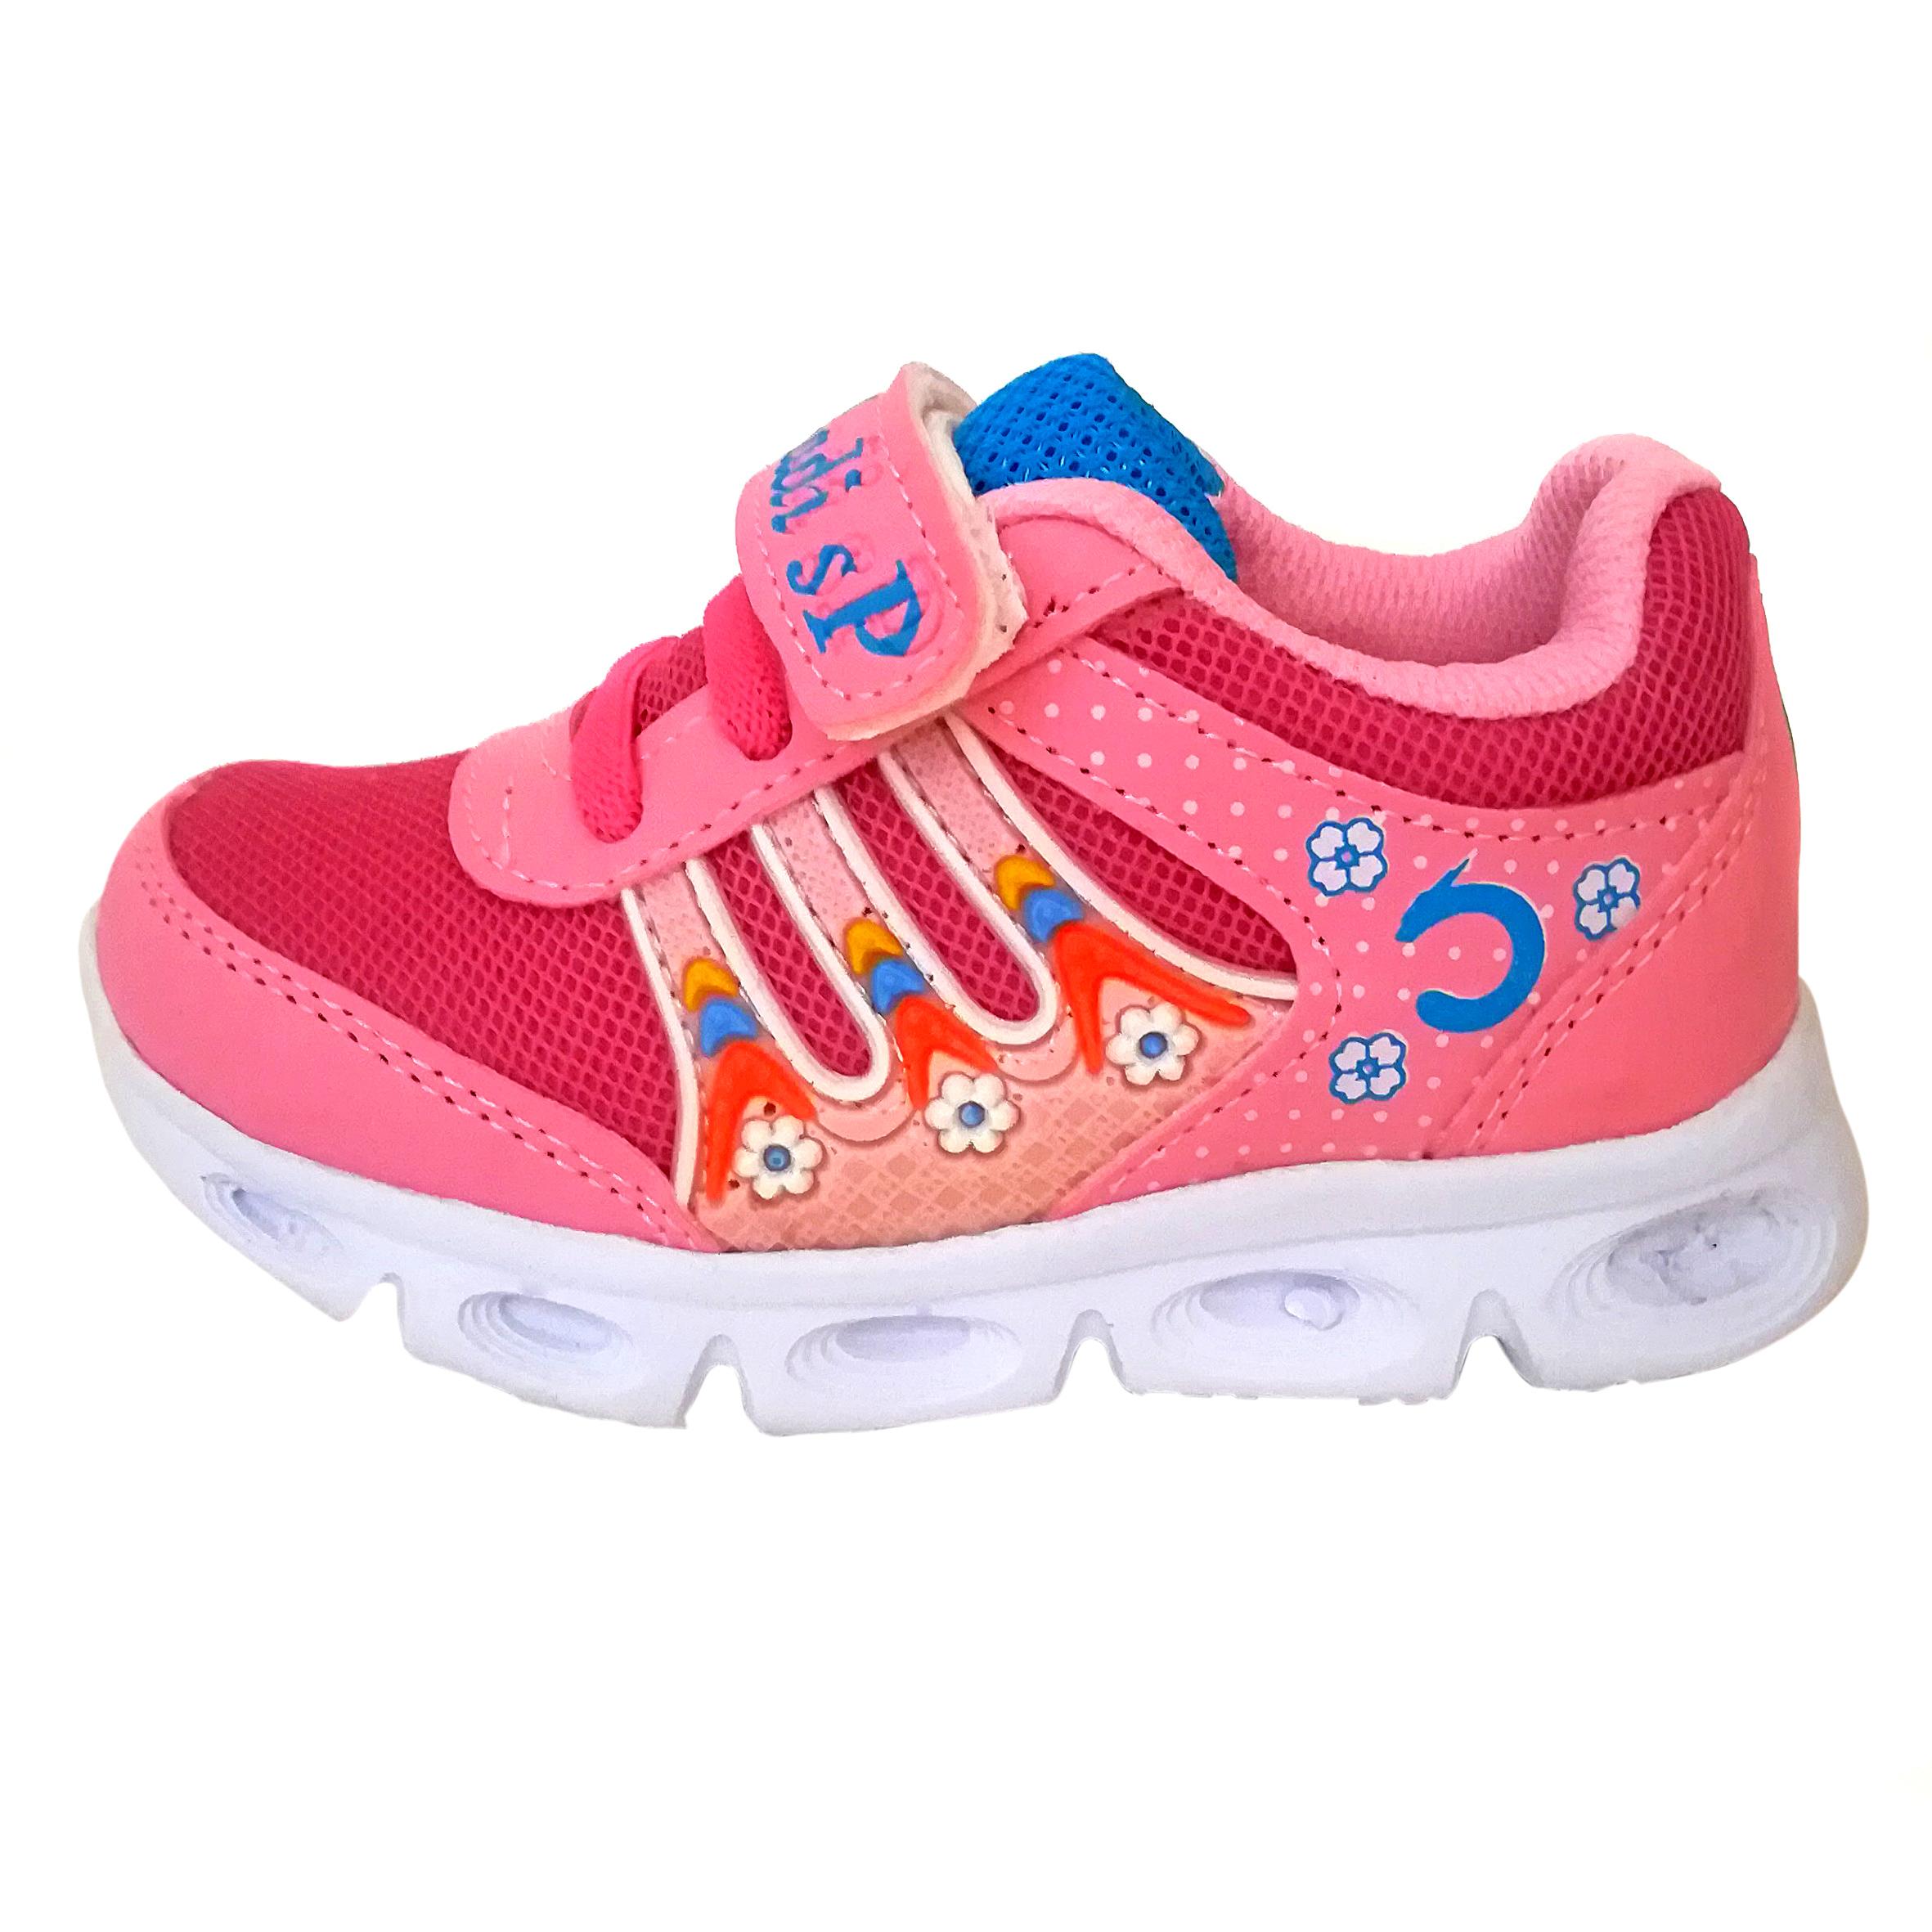 کفش مخصوص پیاده روی دخترانه مدل شادی  کد 01org